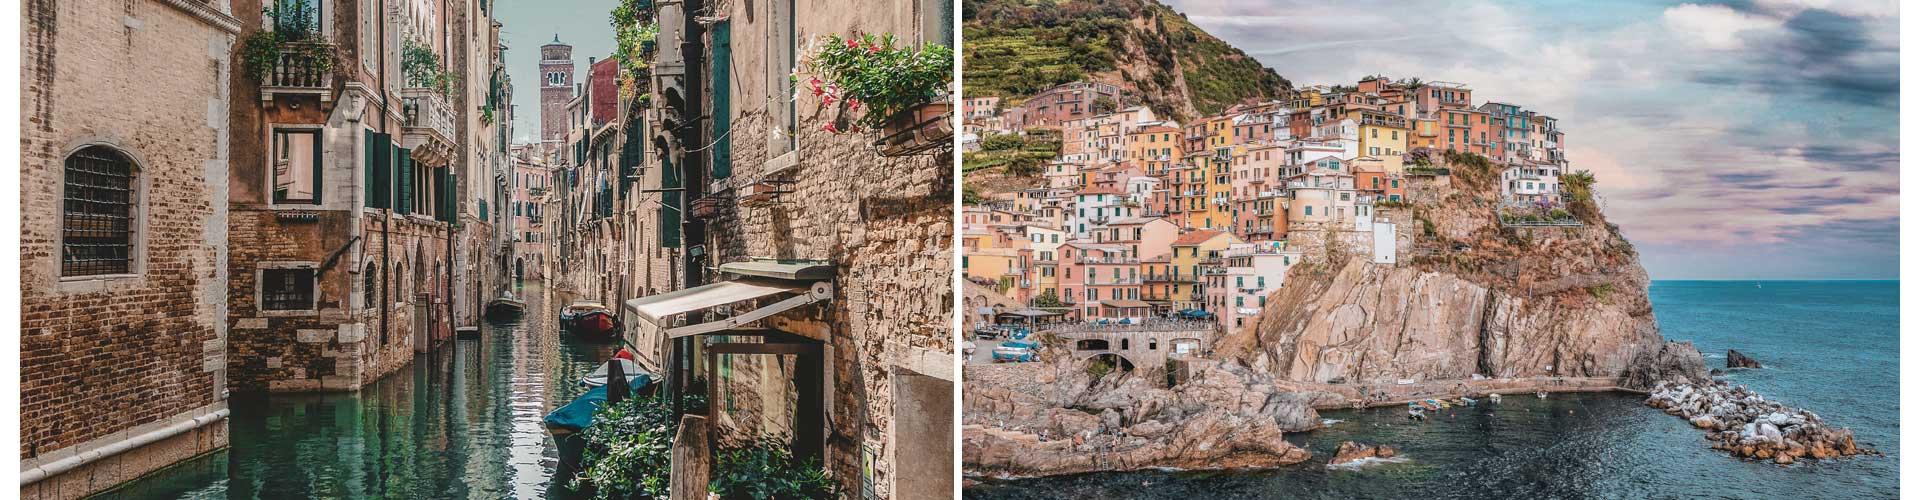 Italien Reisetagebuch europa cinque terre venedig